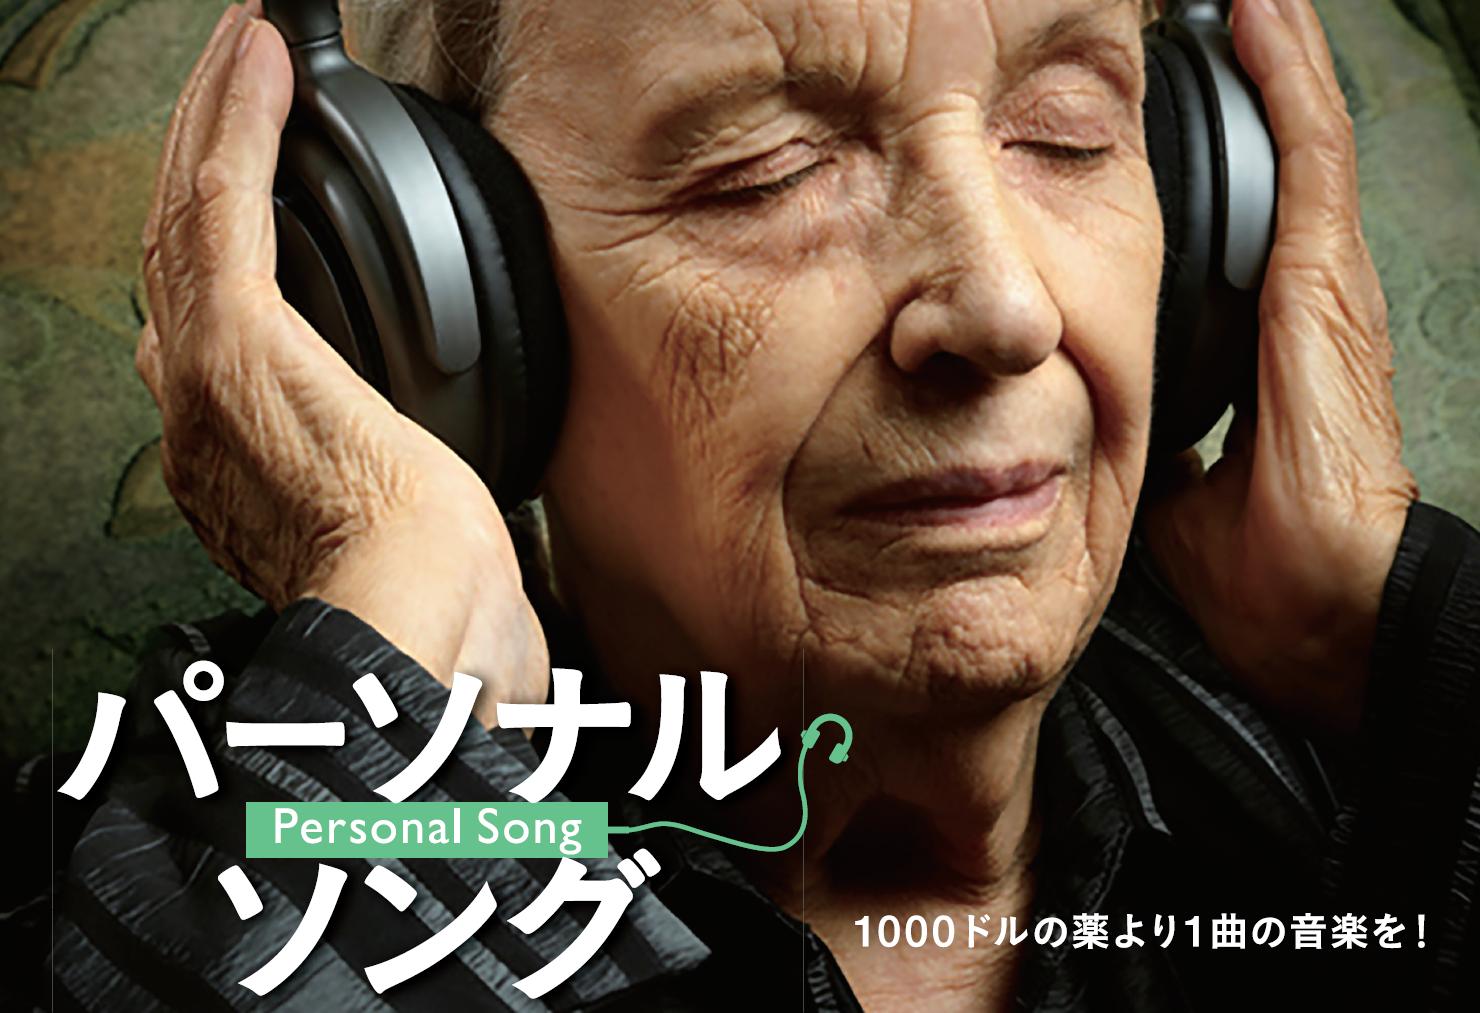 音楽で高齢者のケアを変えられるか? 音楽による認知症ケアを描いたドキュメンタリー映画『パーソナル・ソング』の上映イベントを、都立多摩図書館で11月18日開催